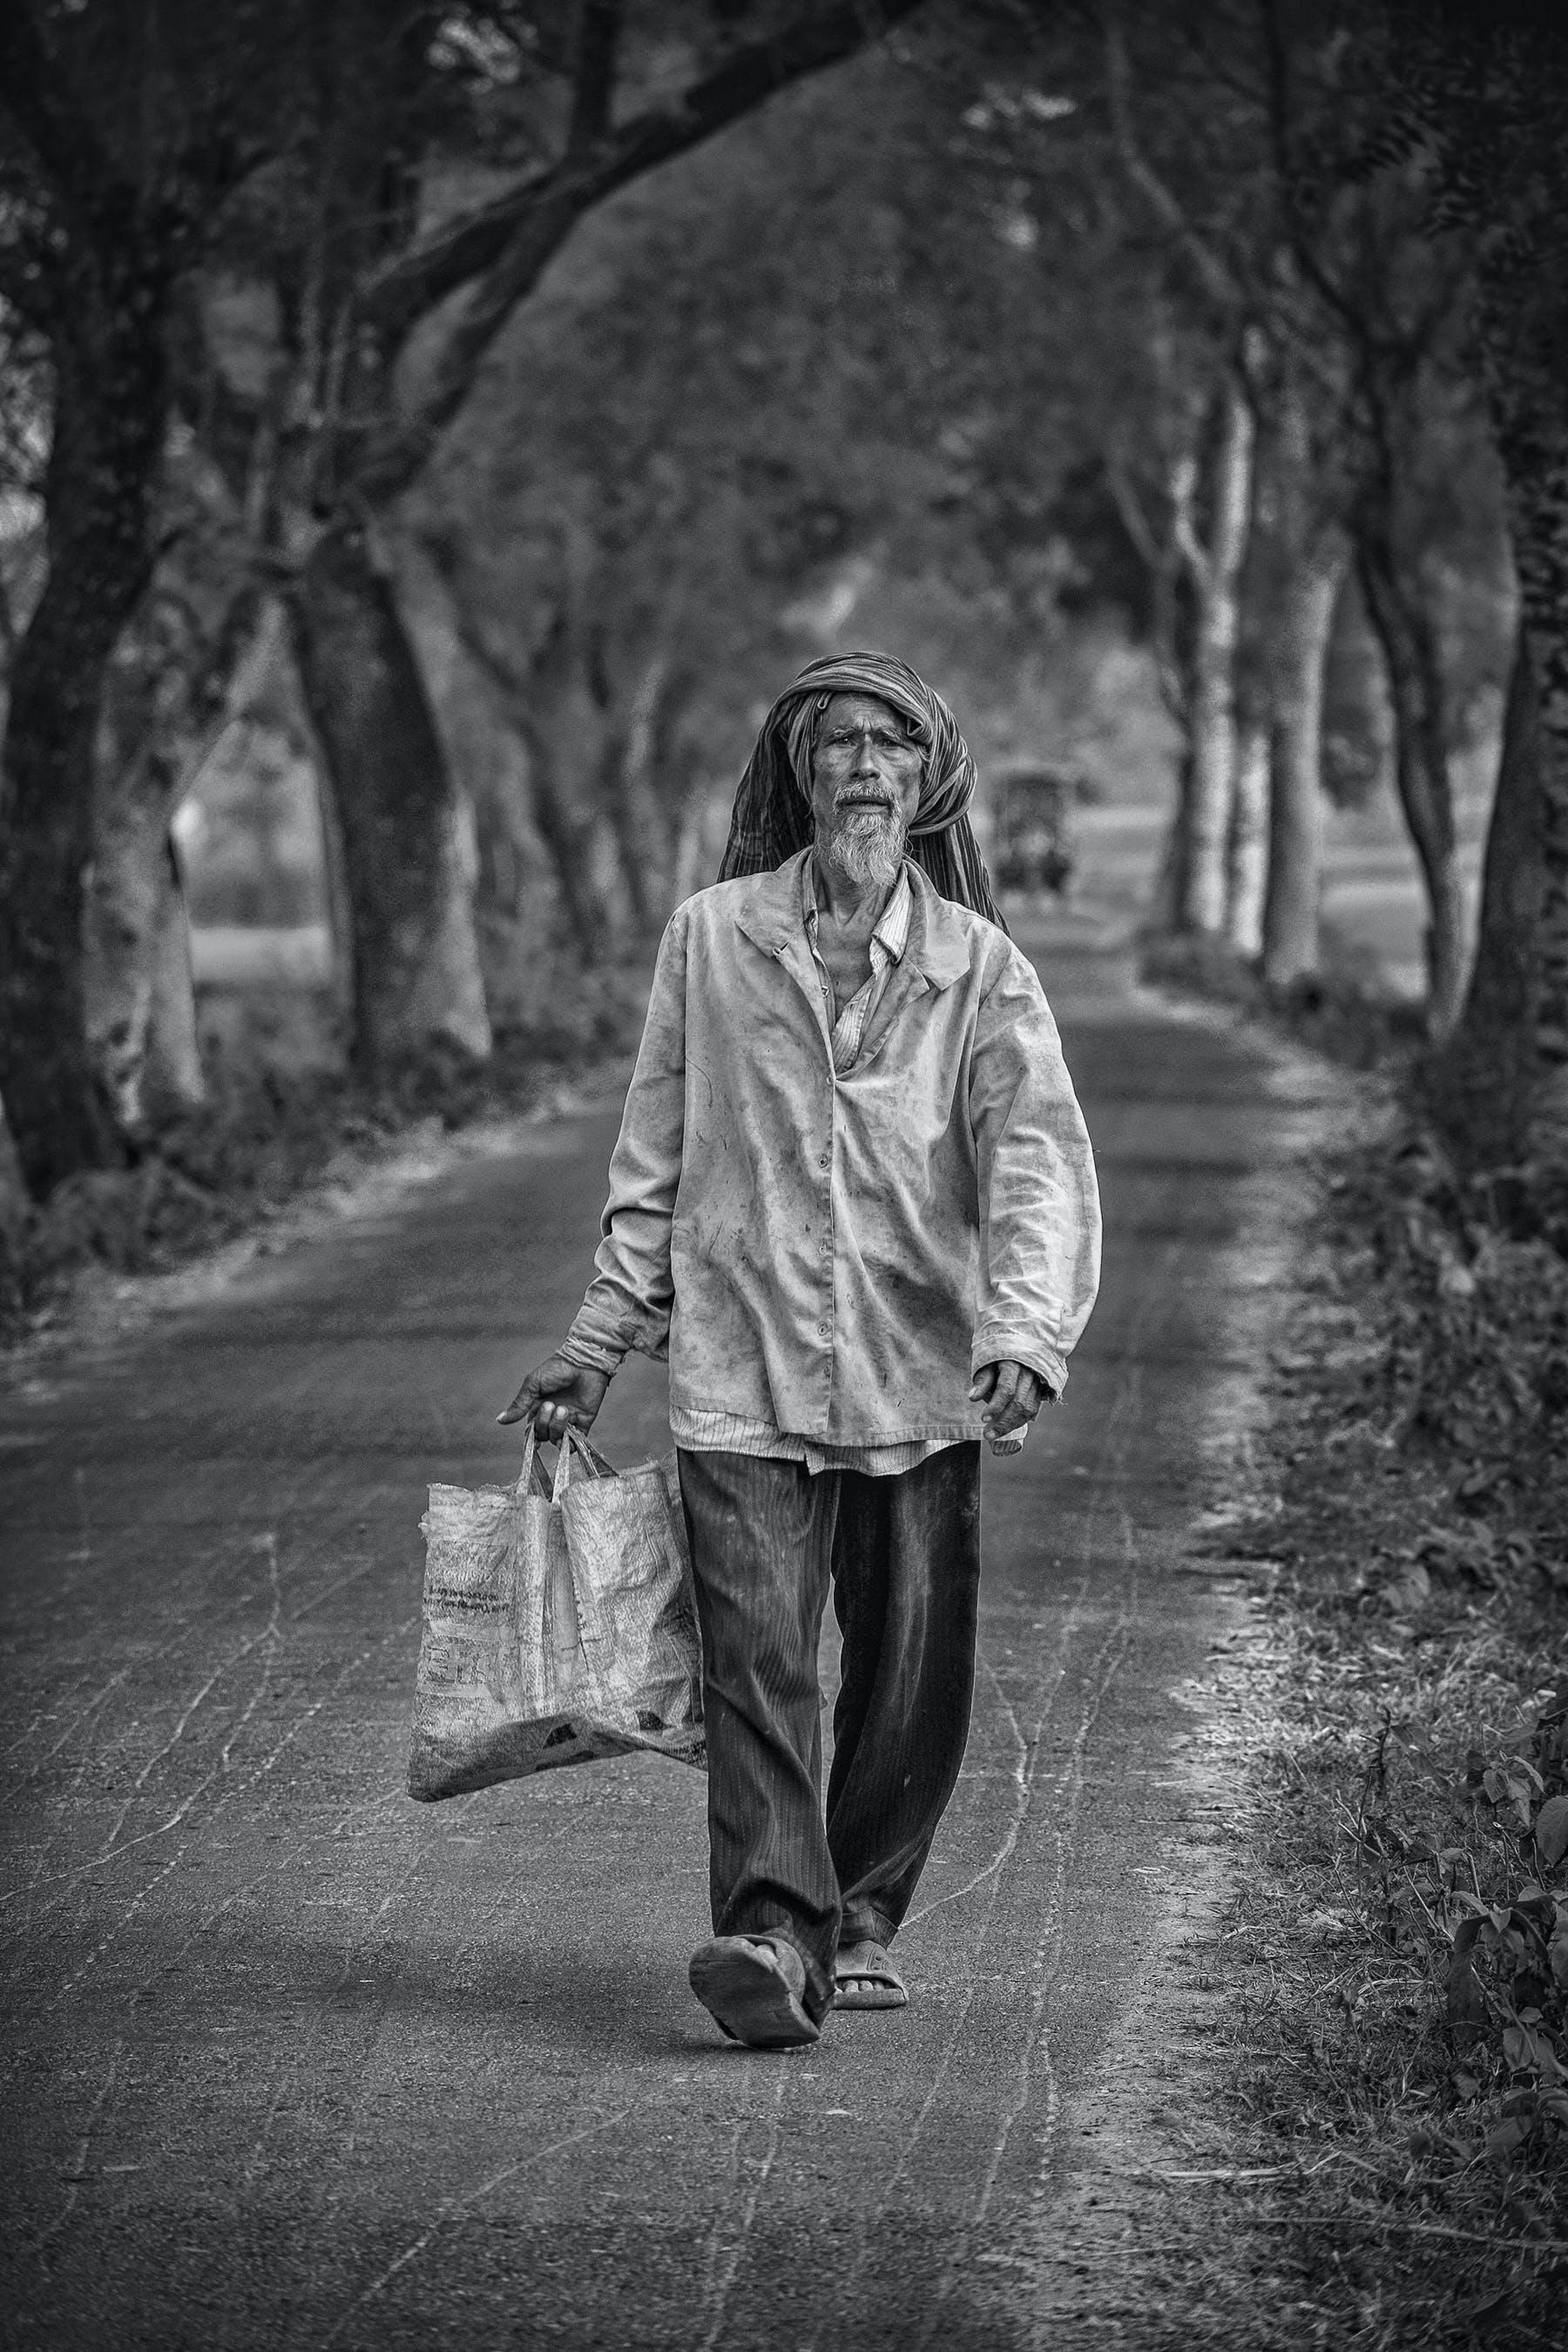 Free stock photo of aged, bangladeshi, beard, black